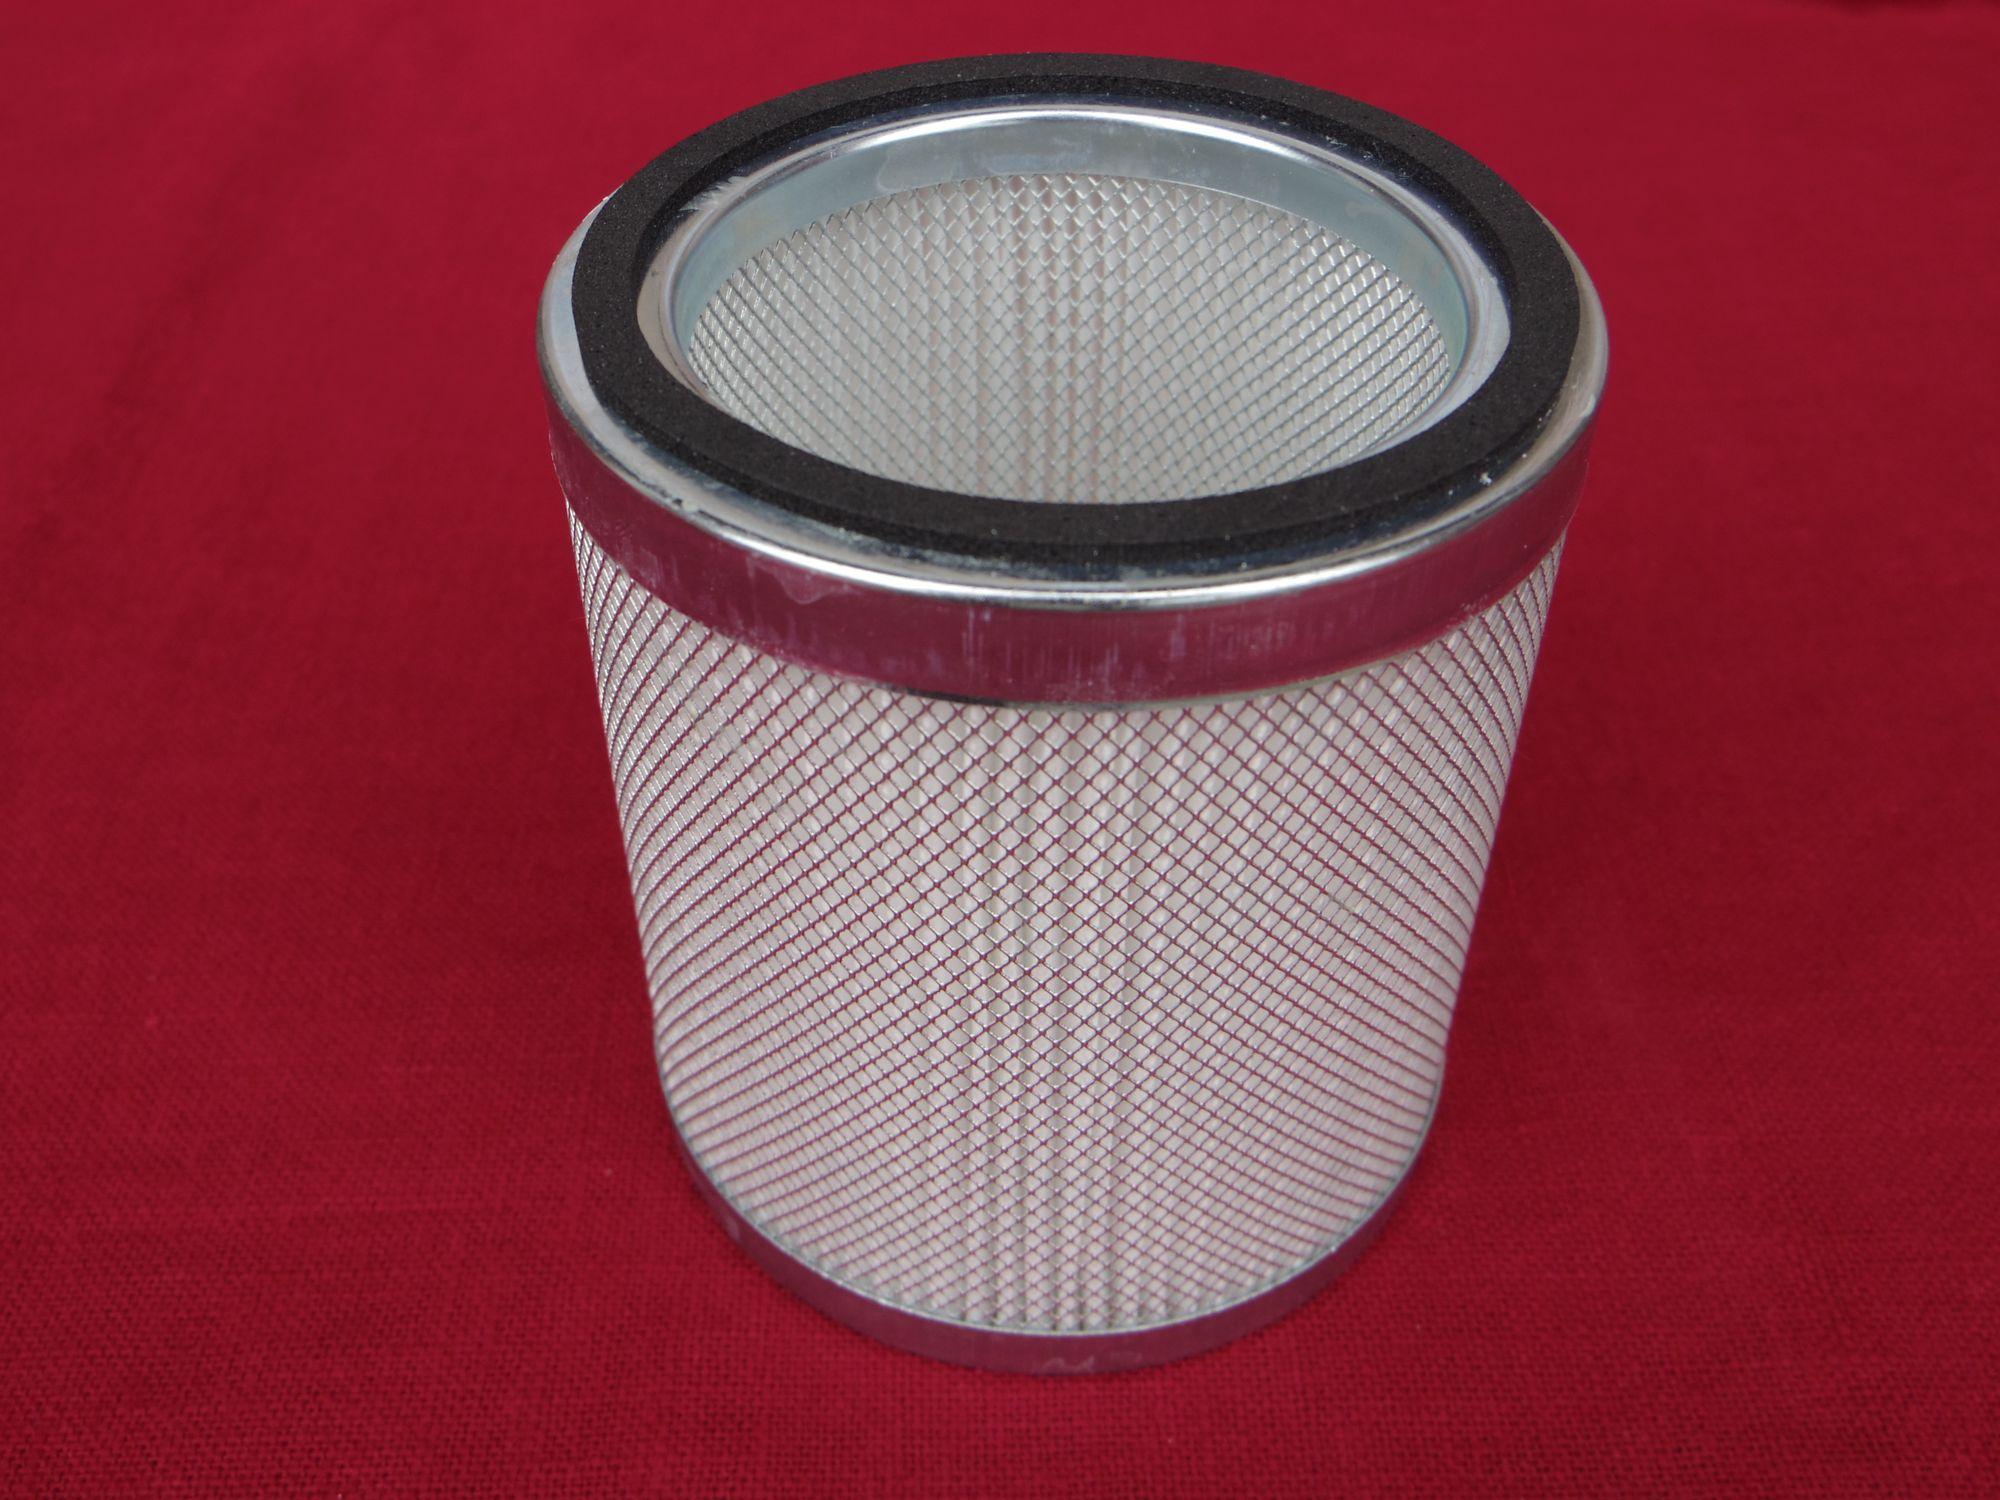 filter einsatz 3200156 f r aschesauger 18 und 20 liter fr76 ersatzfilter. Black Bedroom Furniture Sets. Home Design Ideas